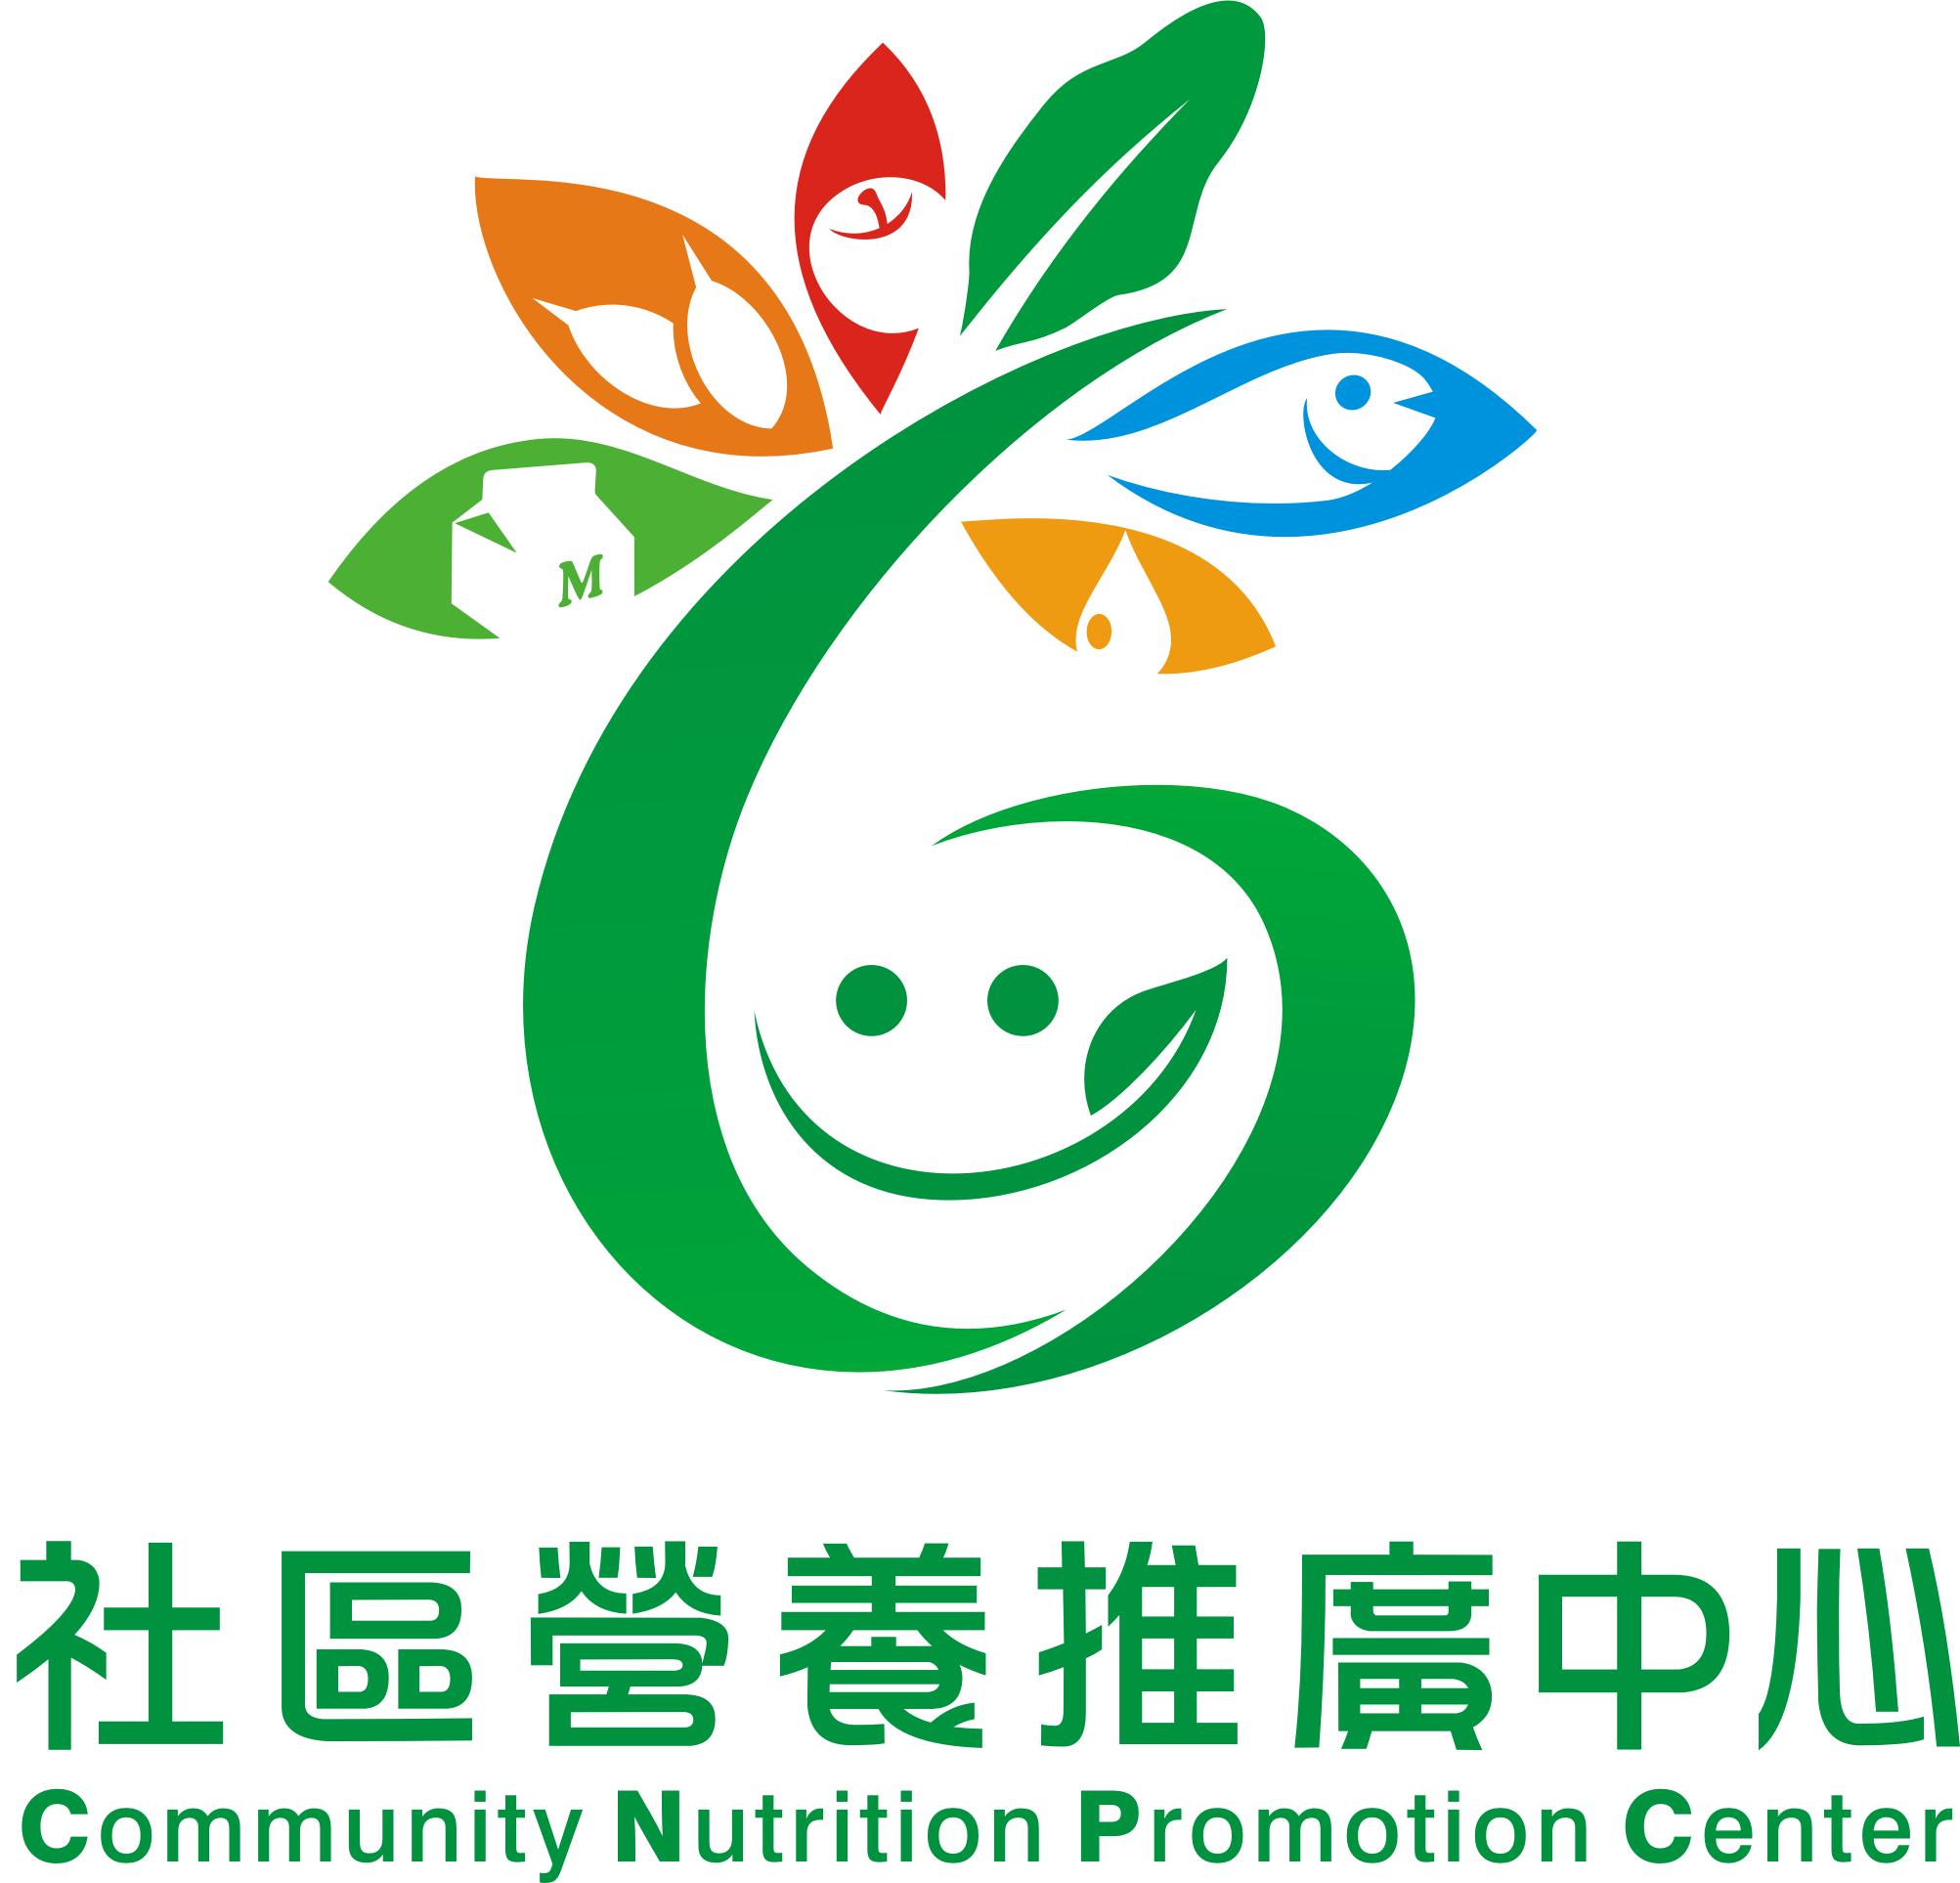 社區營養推廣中心